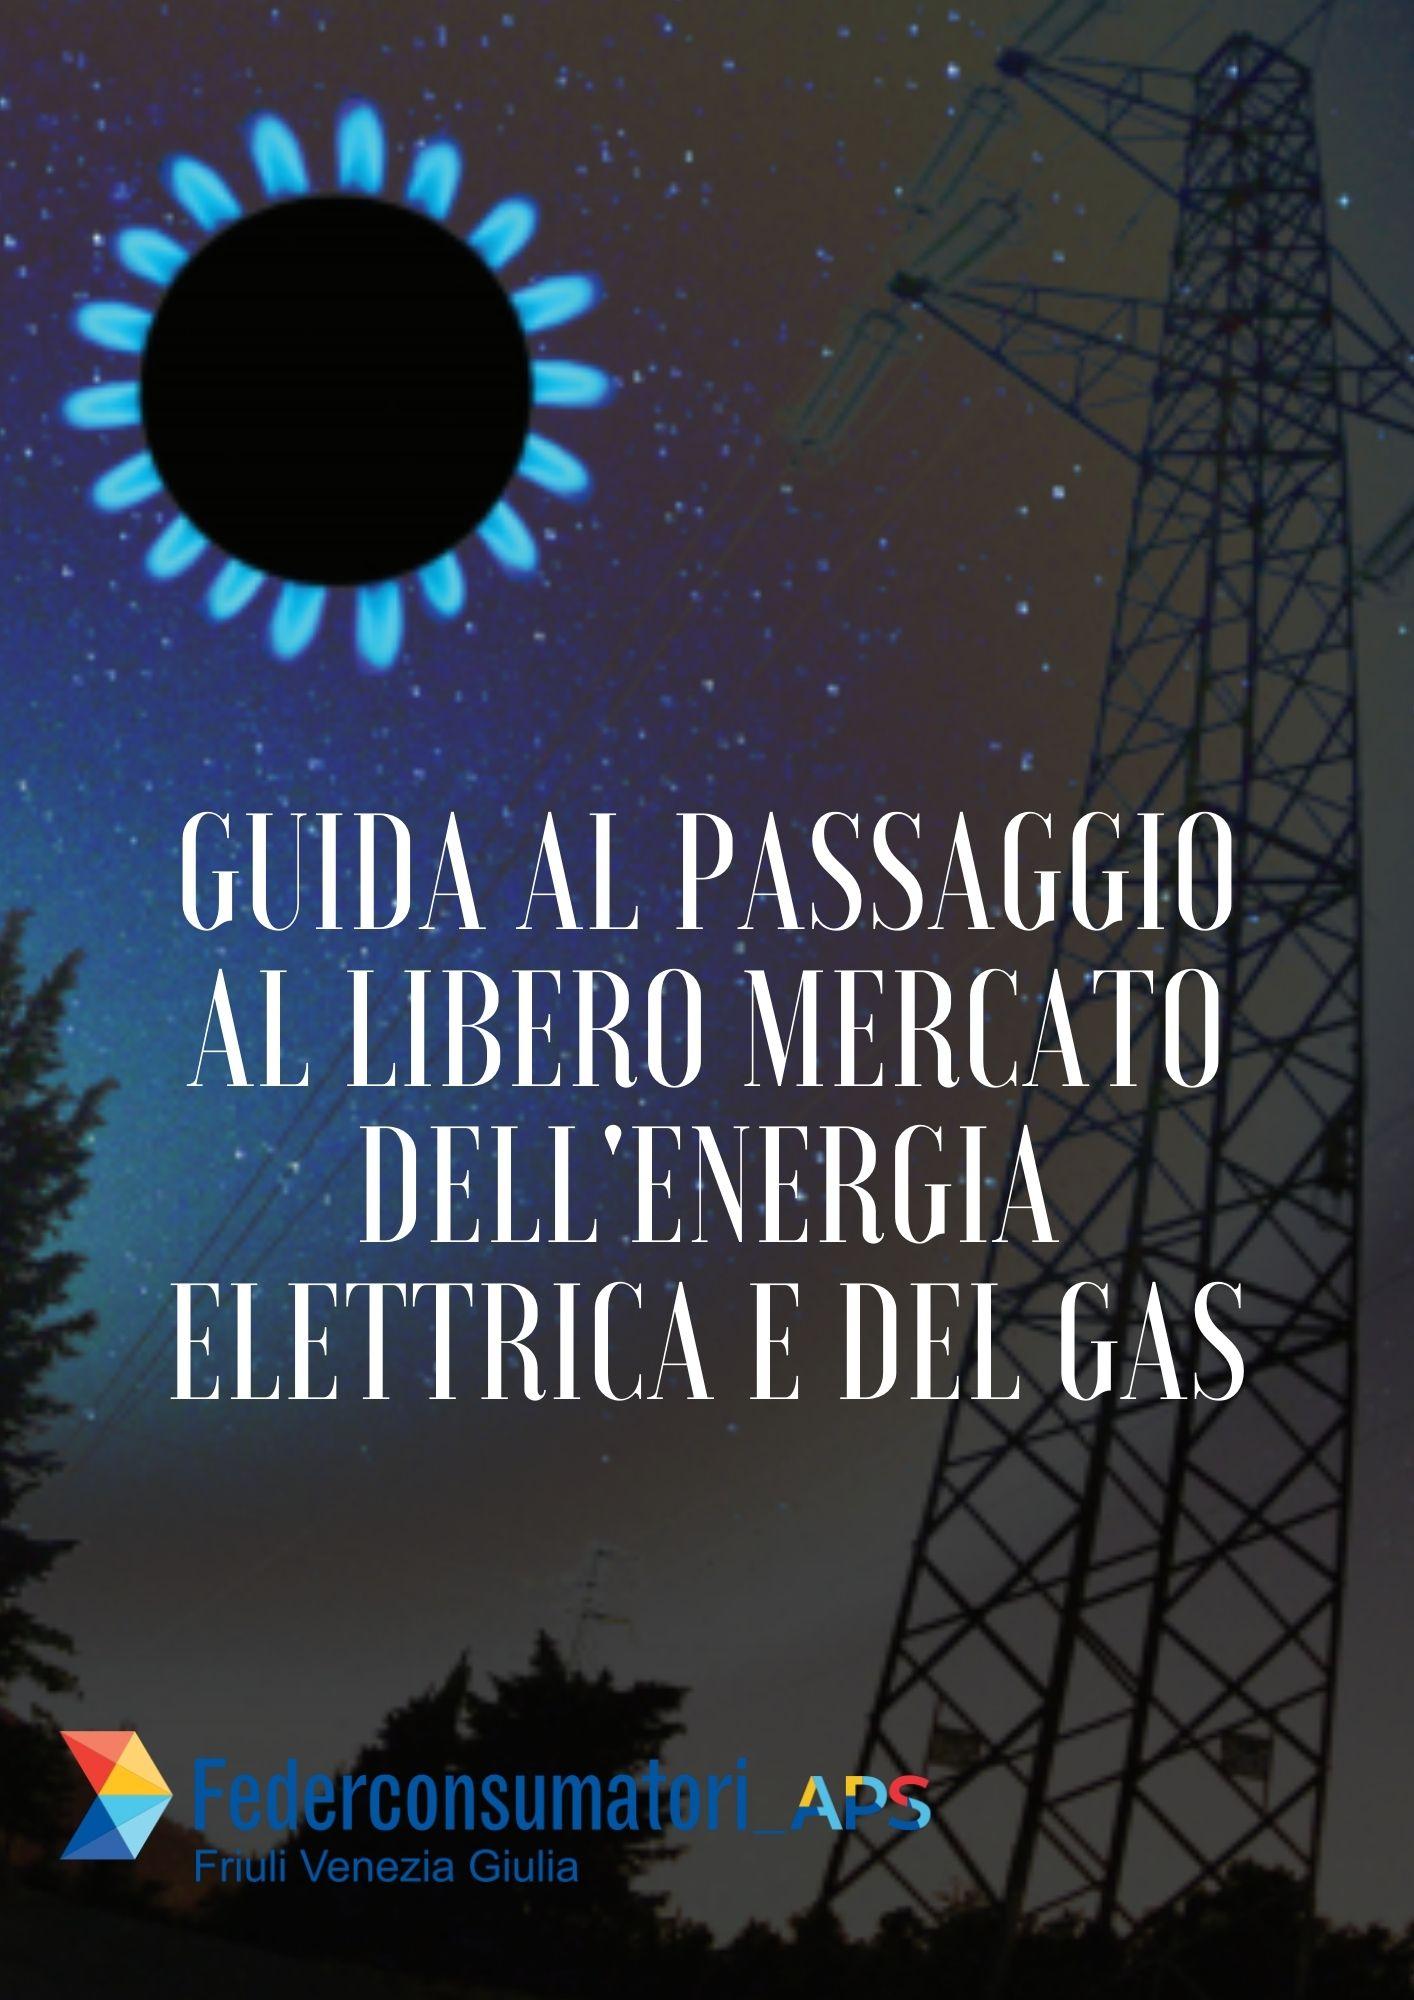 Passaggio a libero mercato dell'energia elettrica e gas